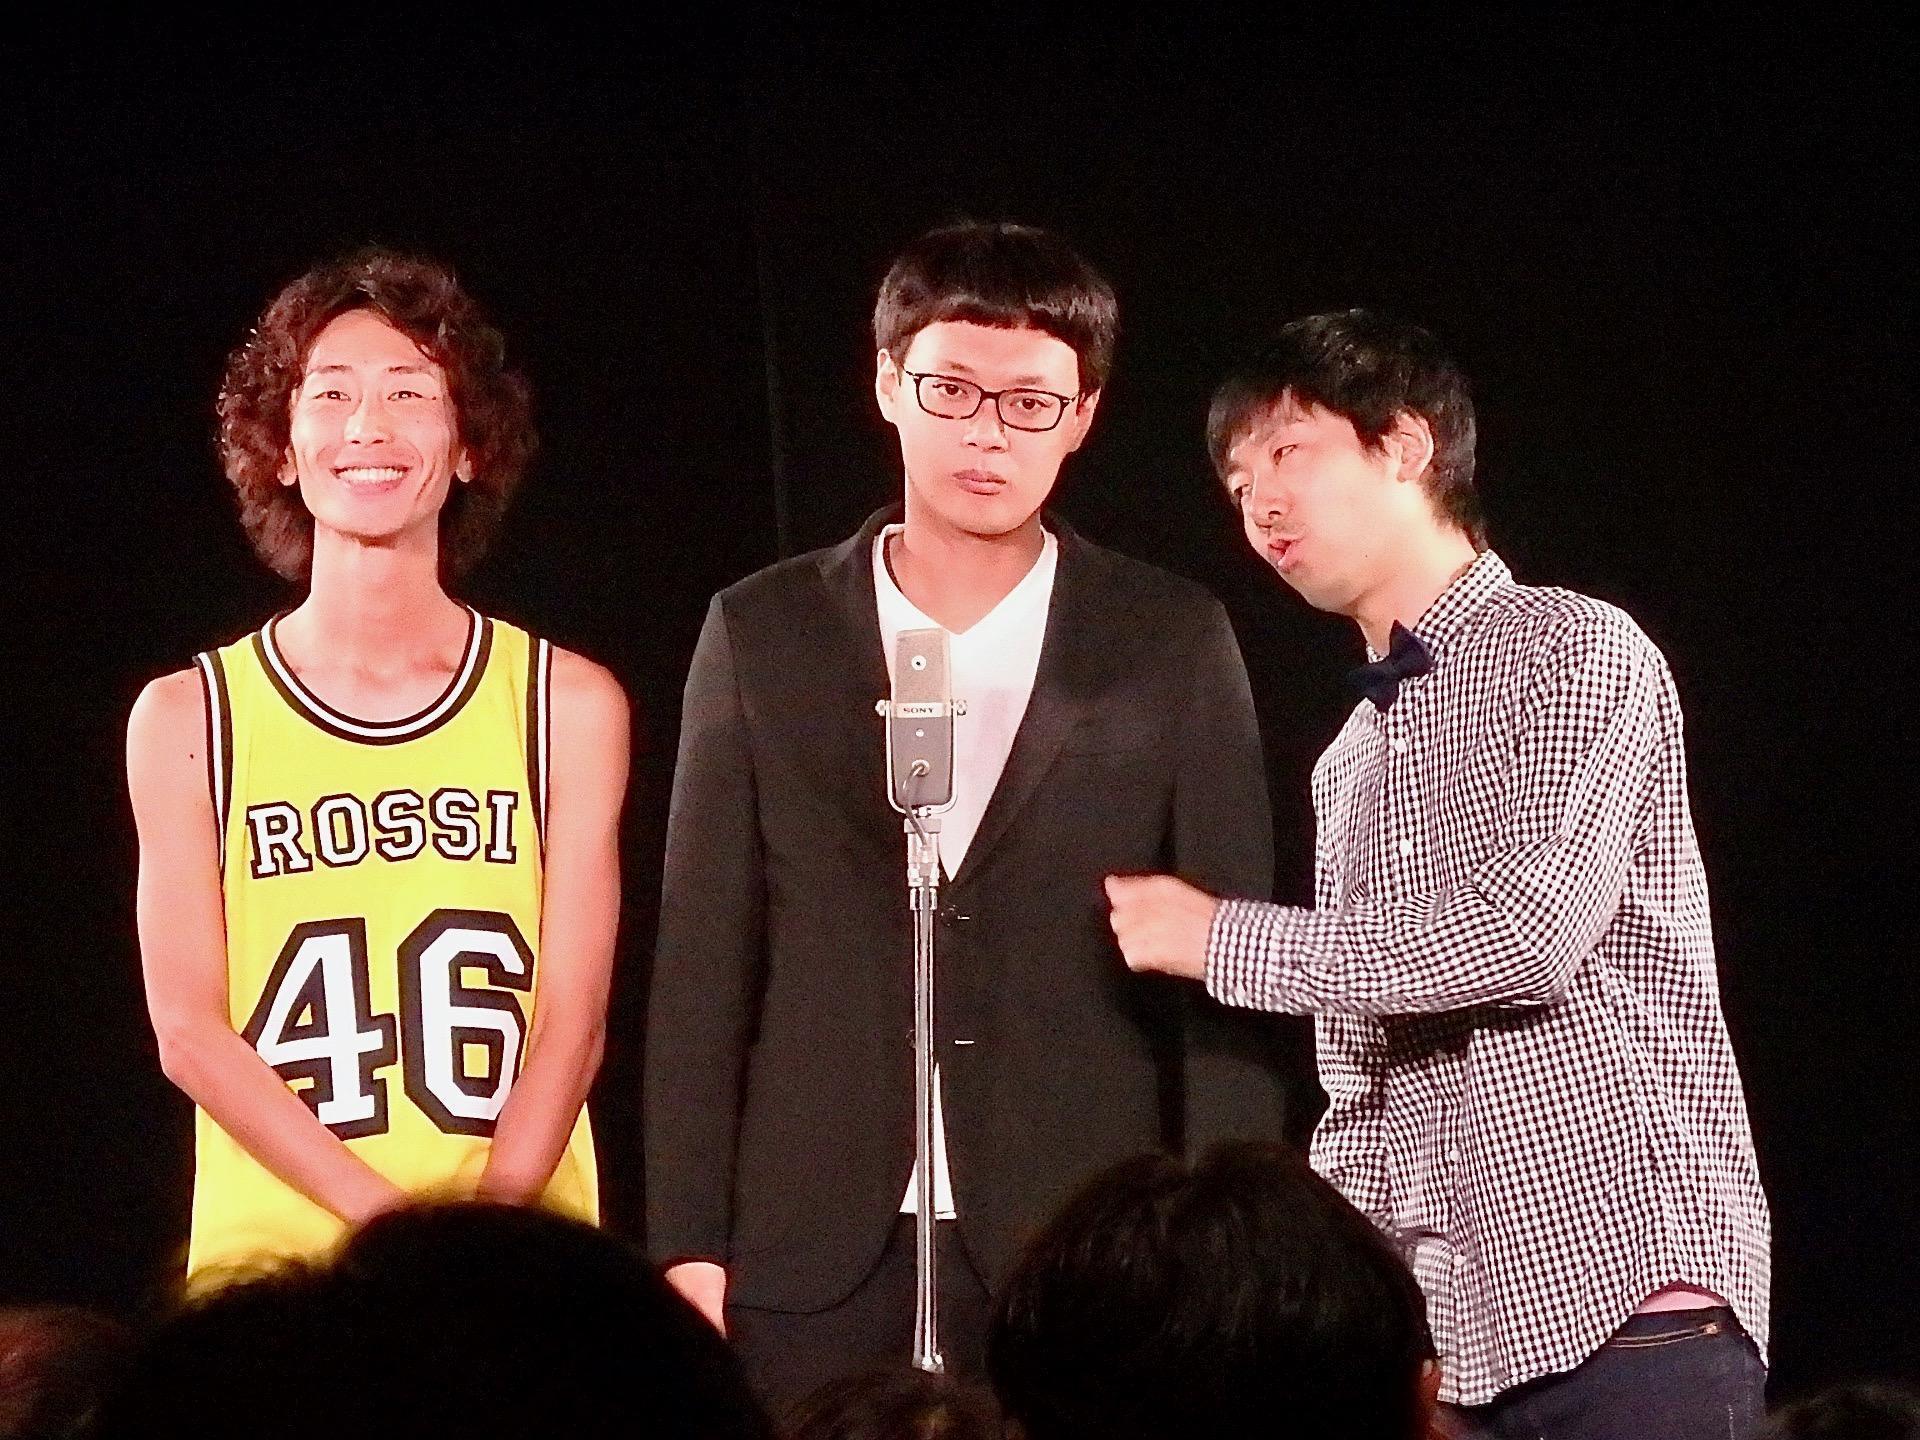 http://news.yoshimoto.co.jp/20171016142524-b3da1e7d1533e084f0a560c784a0e43058e45997.jpg